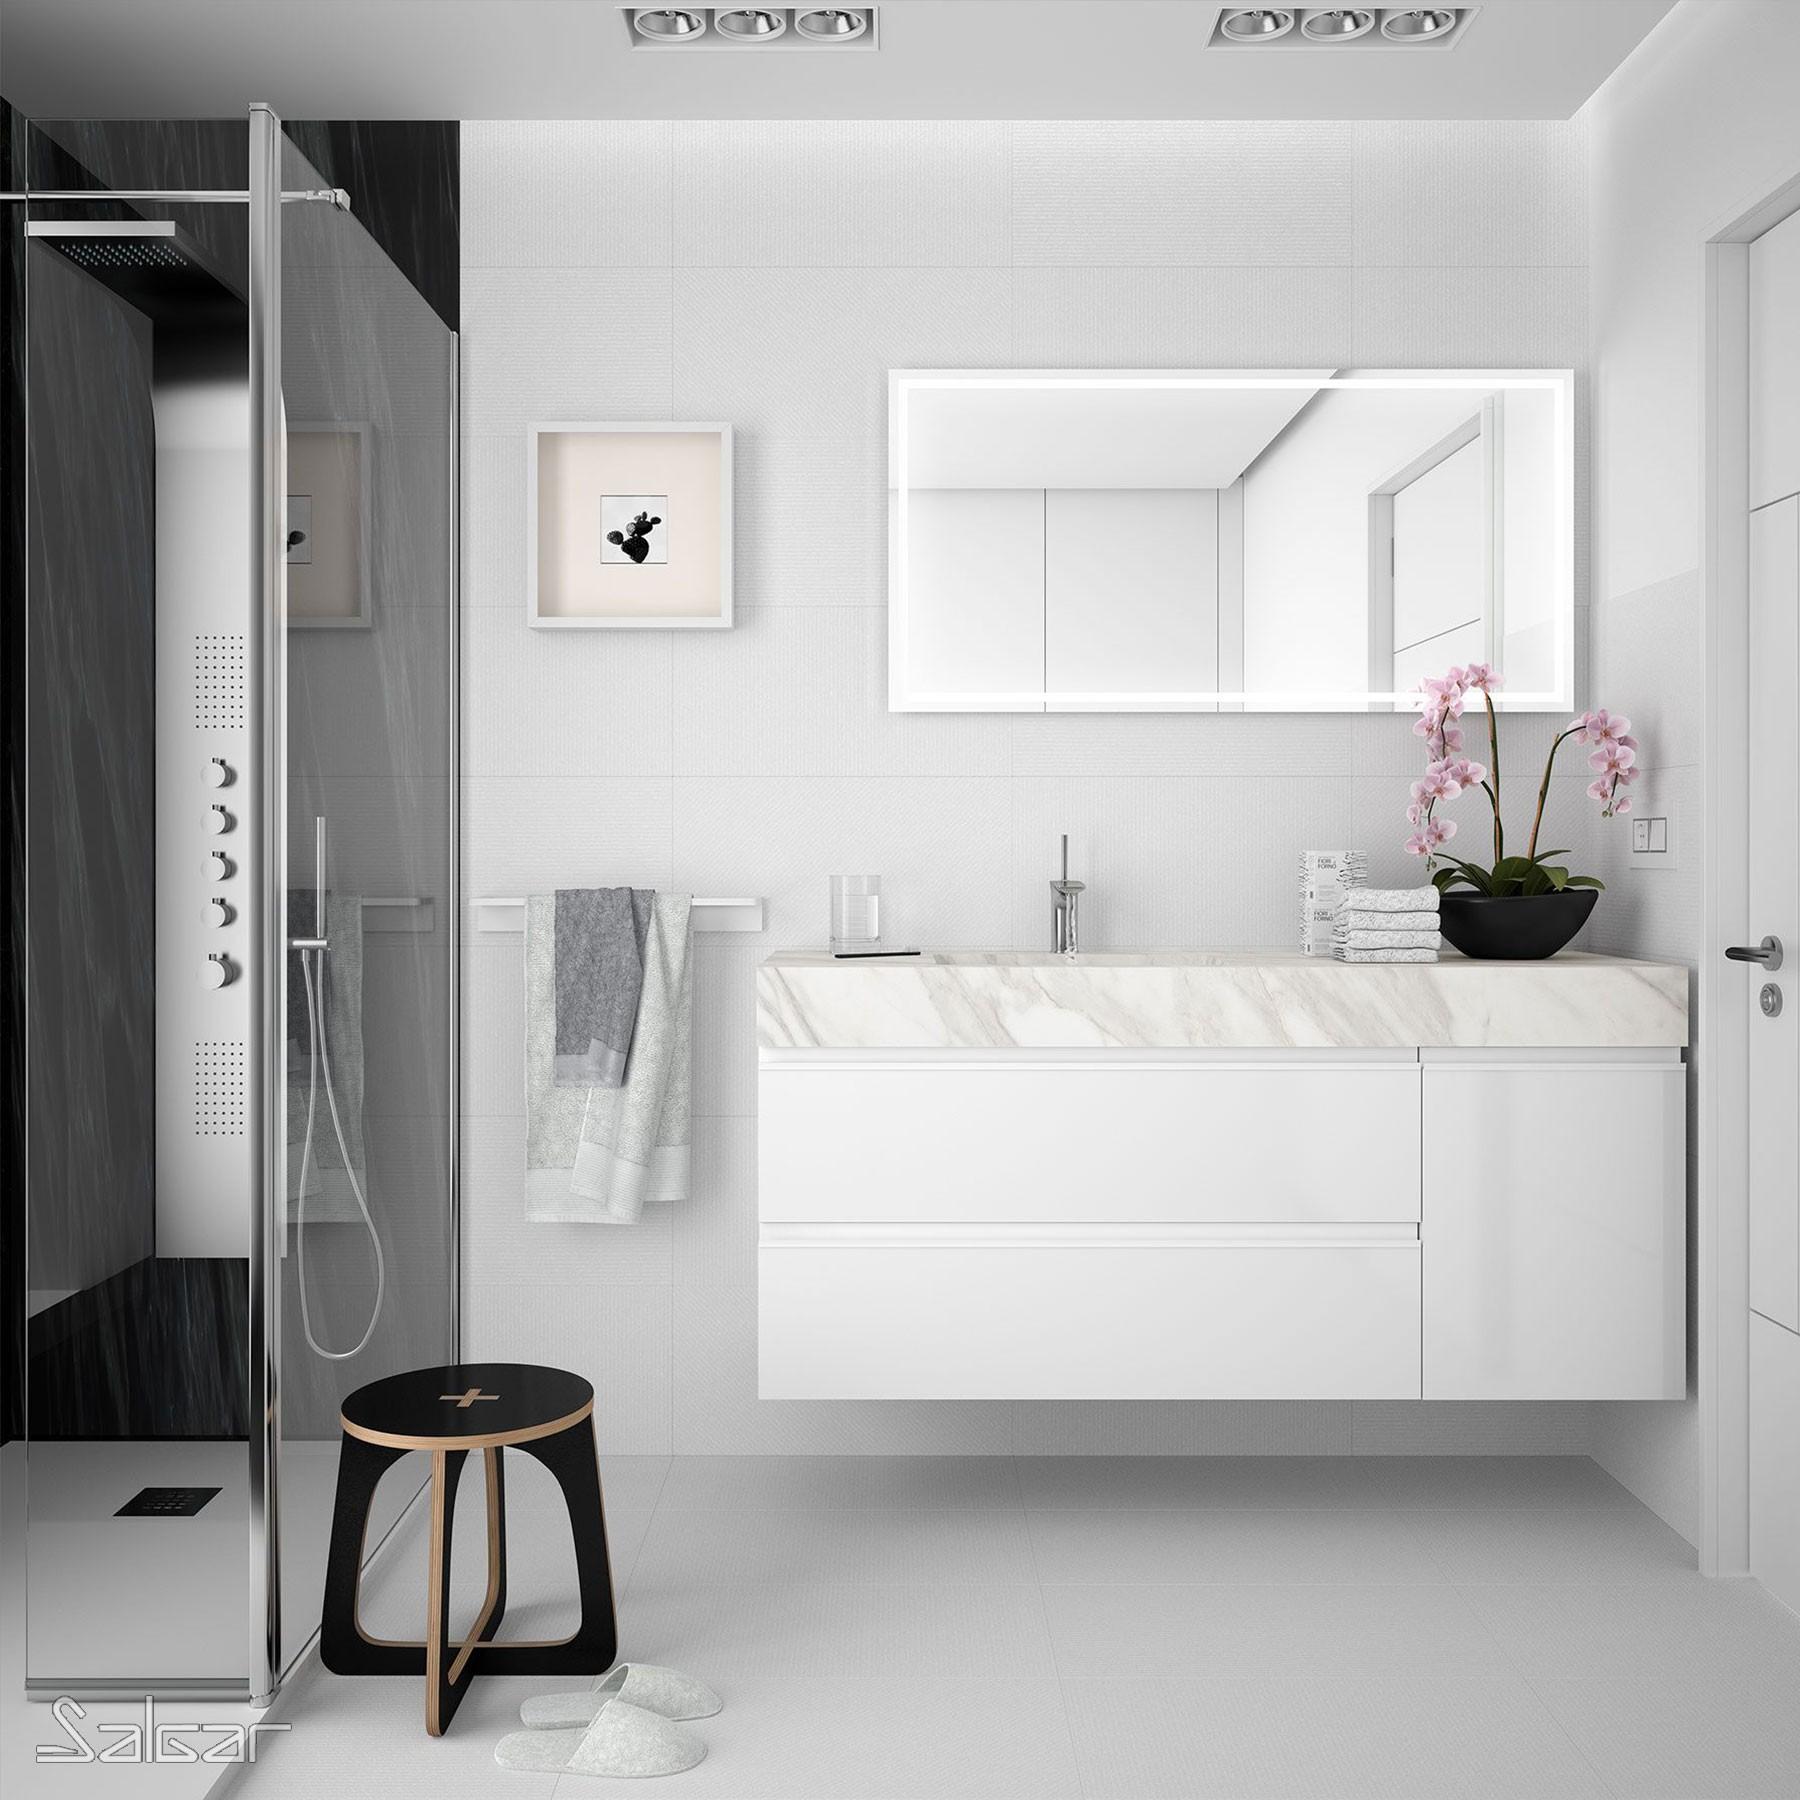 Plan De Toilette Compakt 51 Marbre Blanc De 700 À 800 Mm Avec Grande Vasque  Intégrée 700 - 800 X 510 X 120 Mm avec Toilette Lavabo Intégré Canada